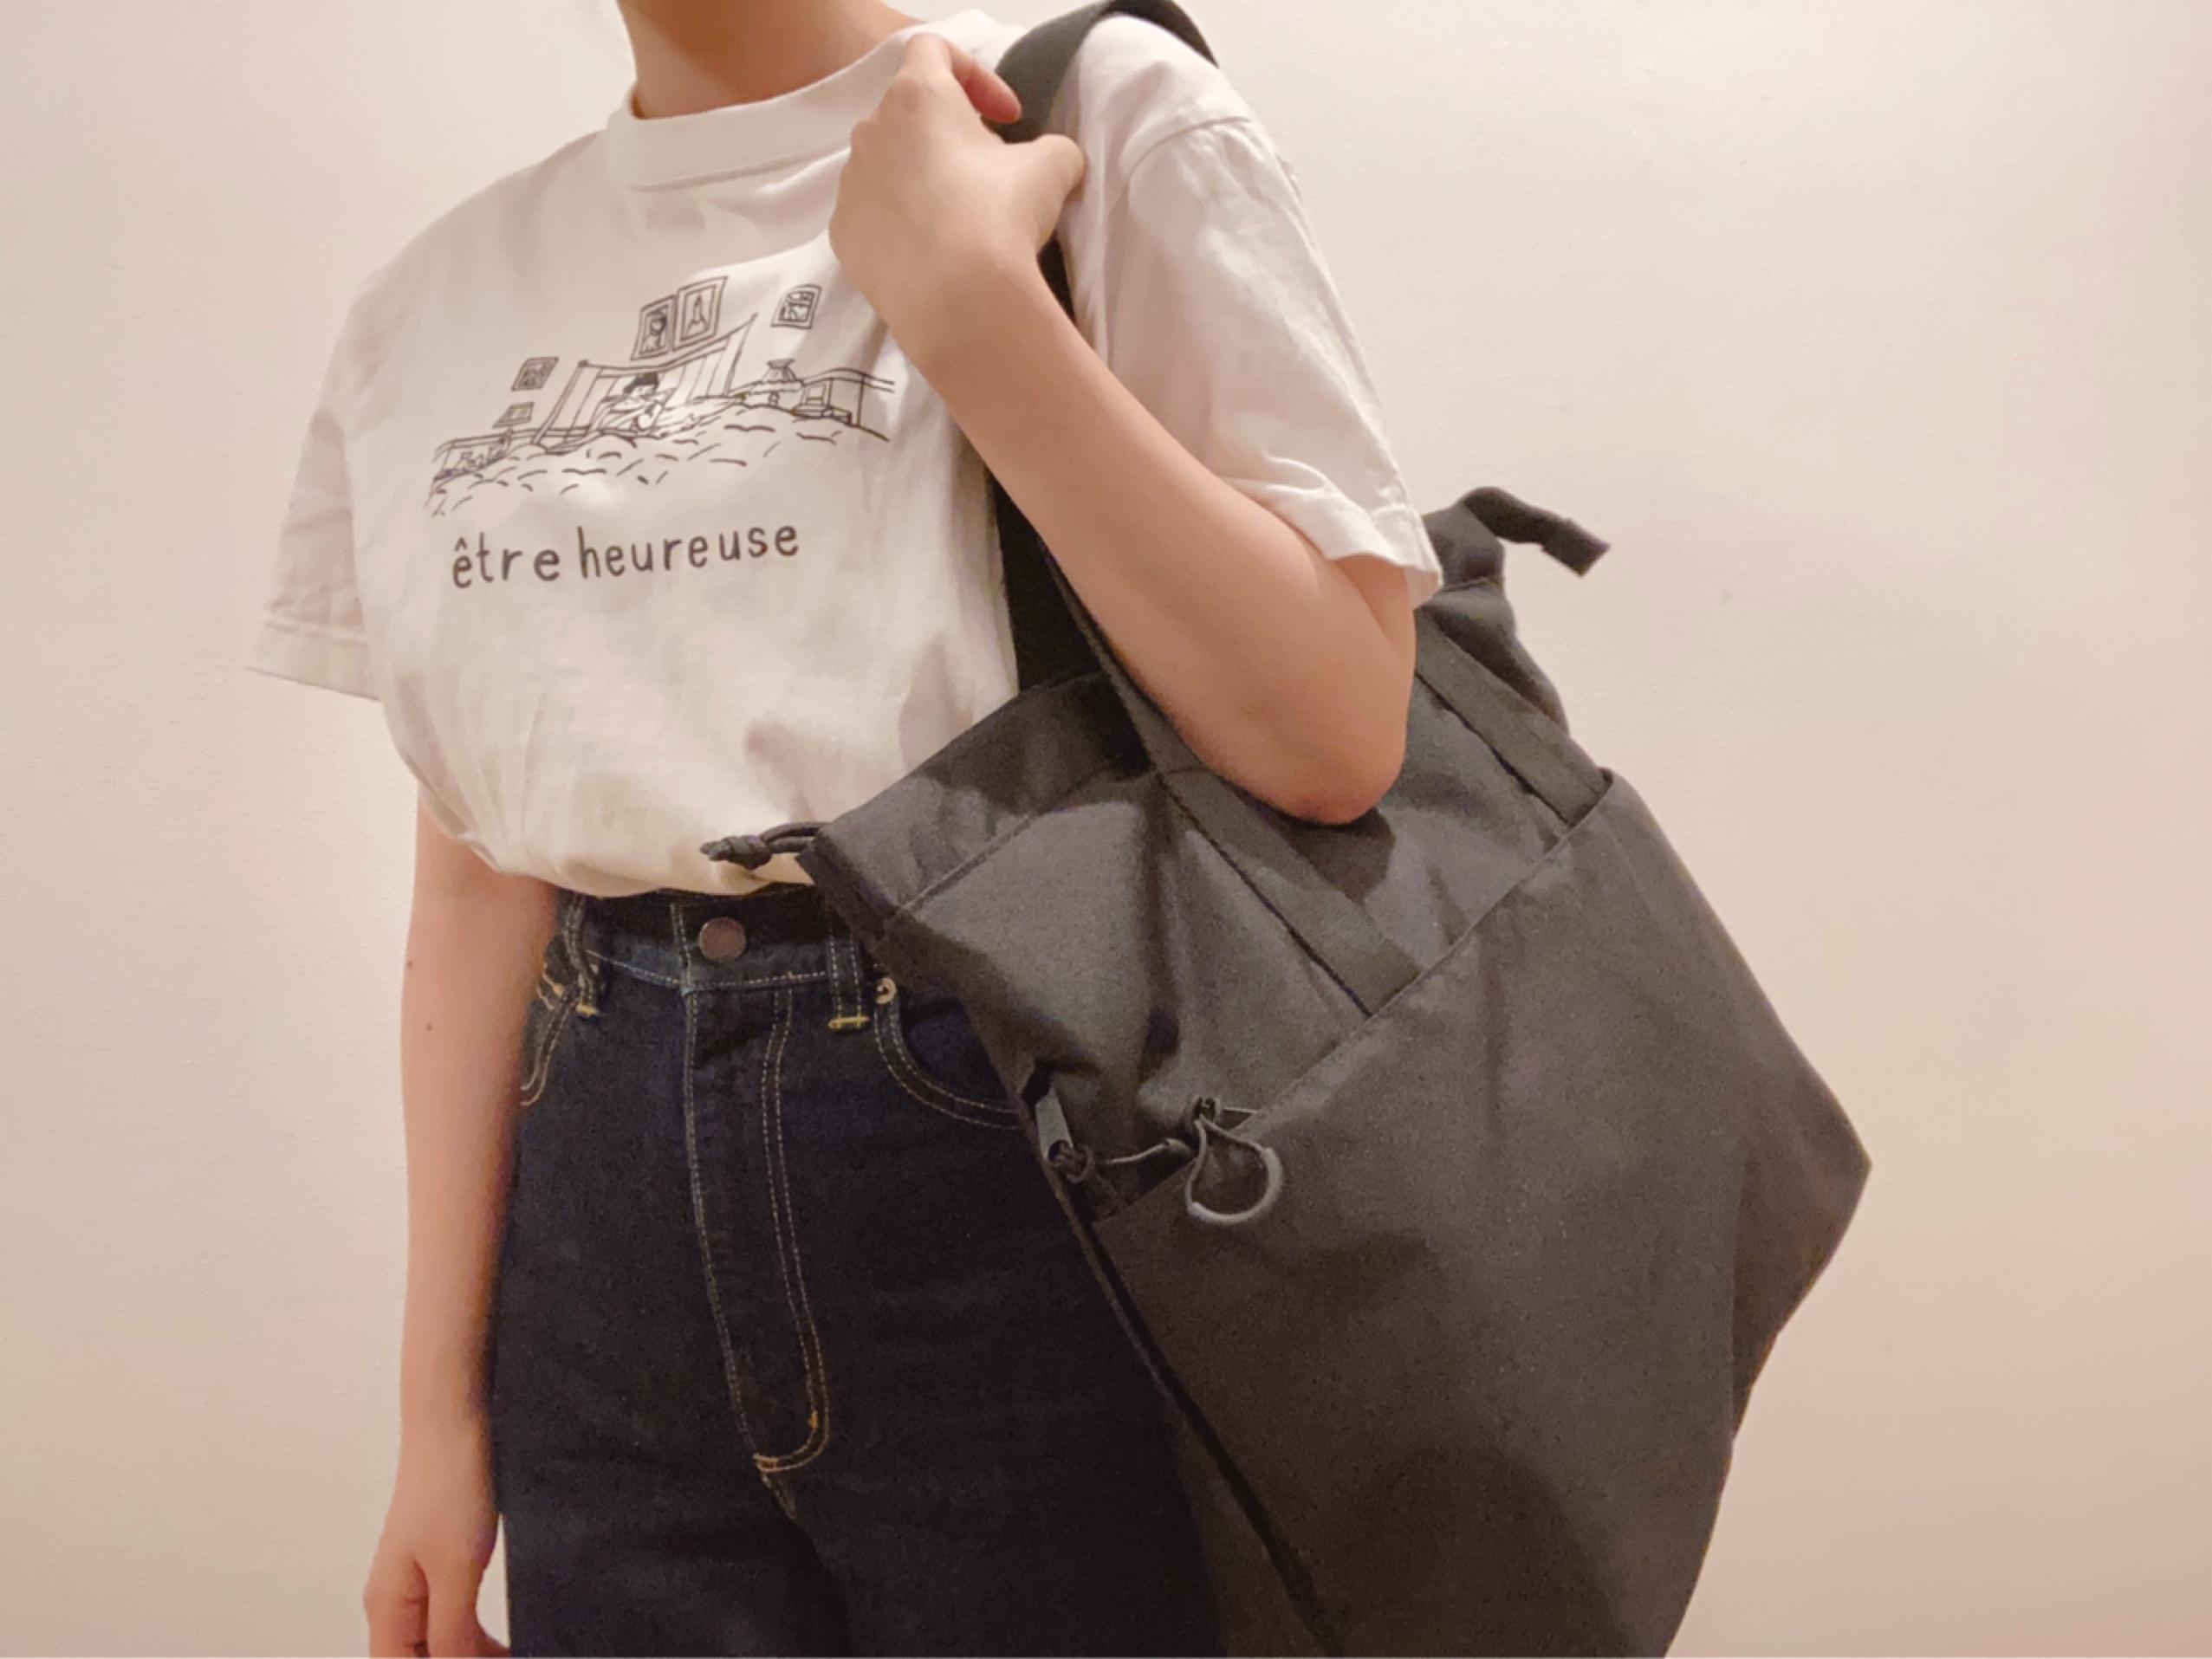 GUのジムバッグがコスパも使い勝手もよくて超おすすめ | QOL探求者